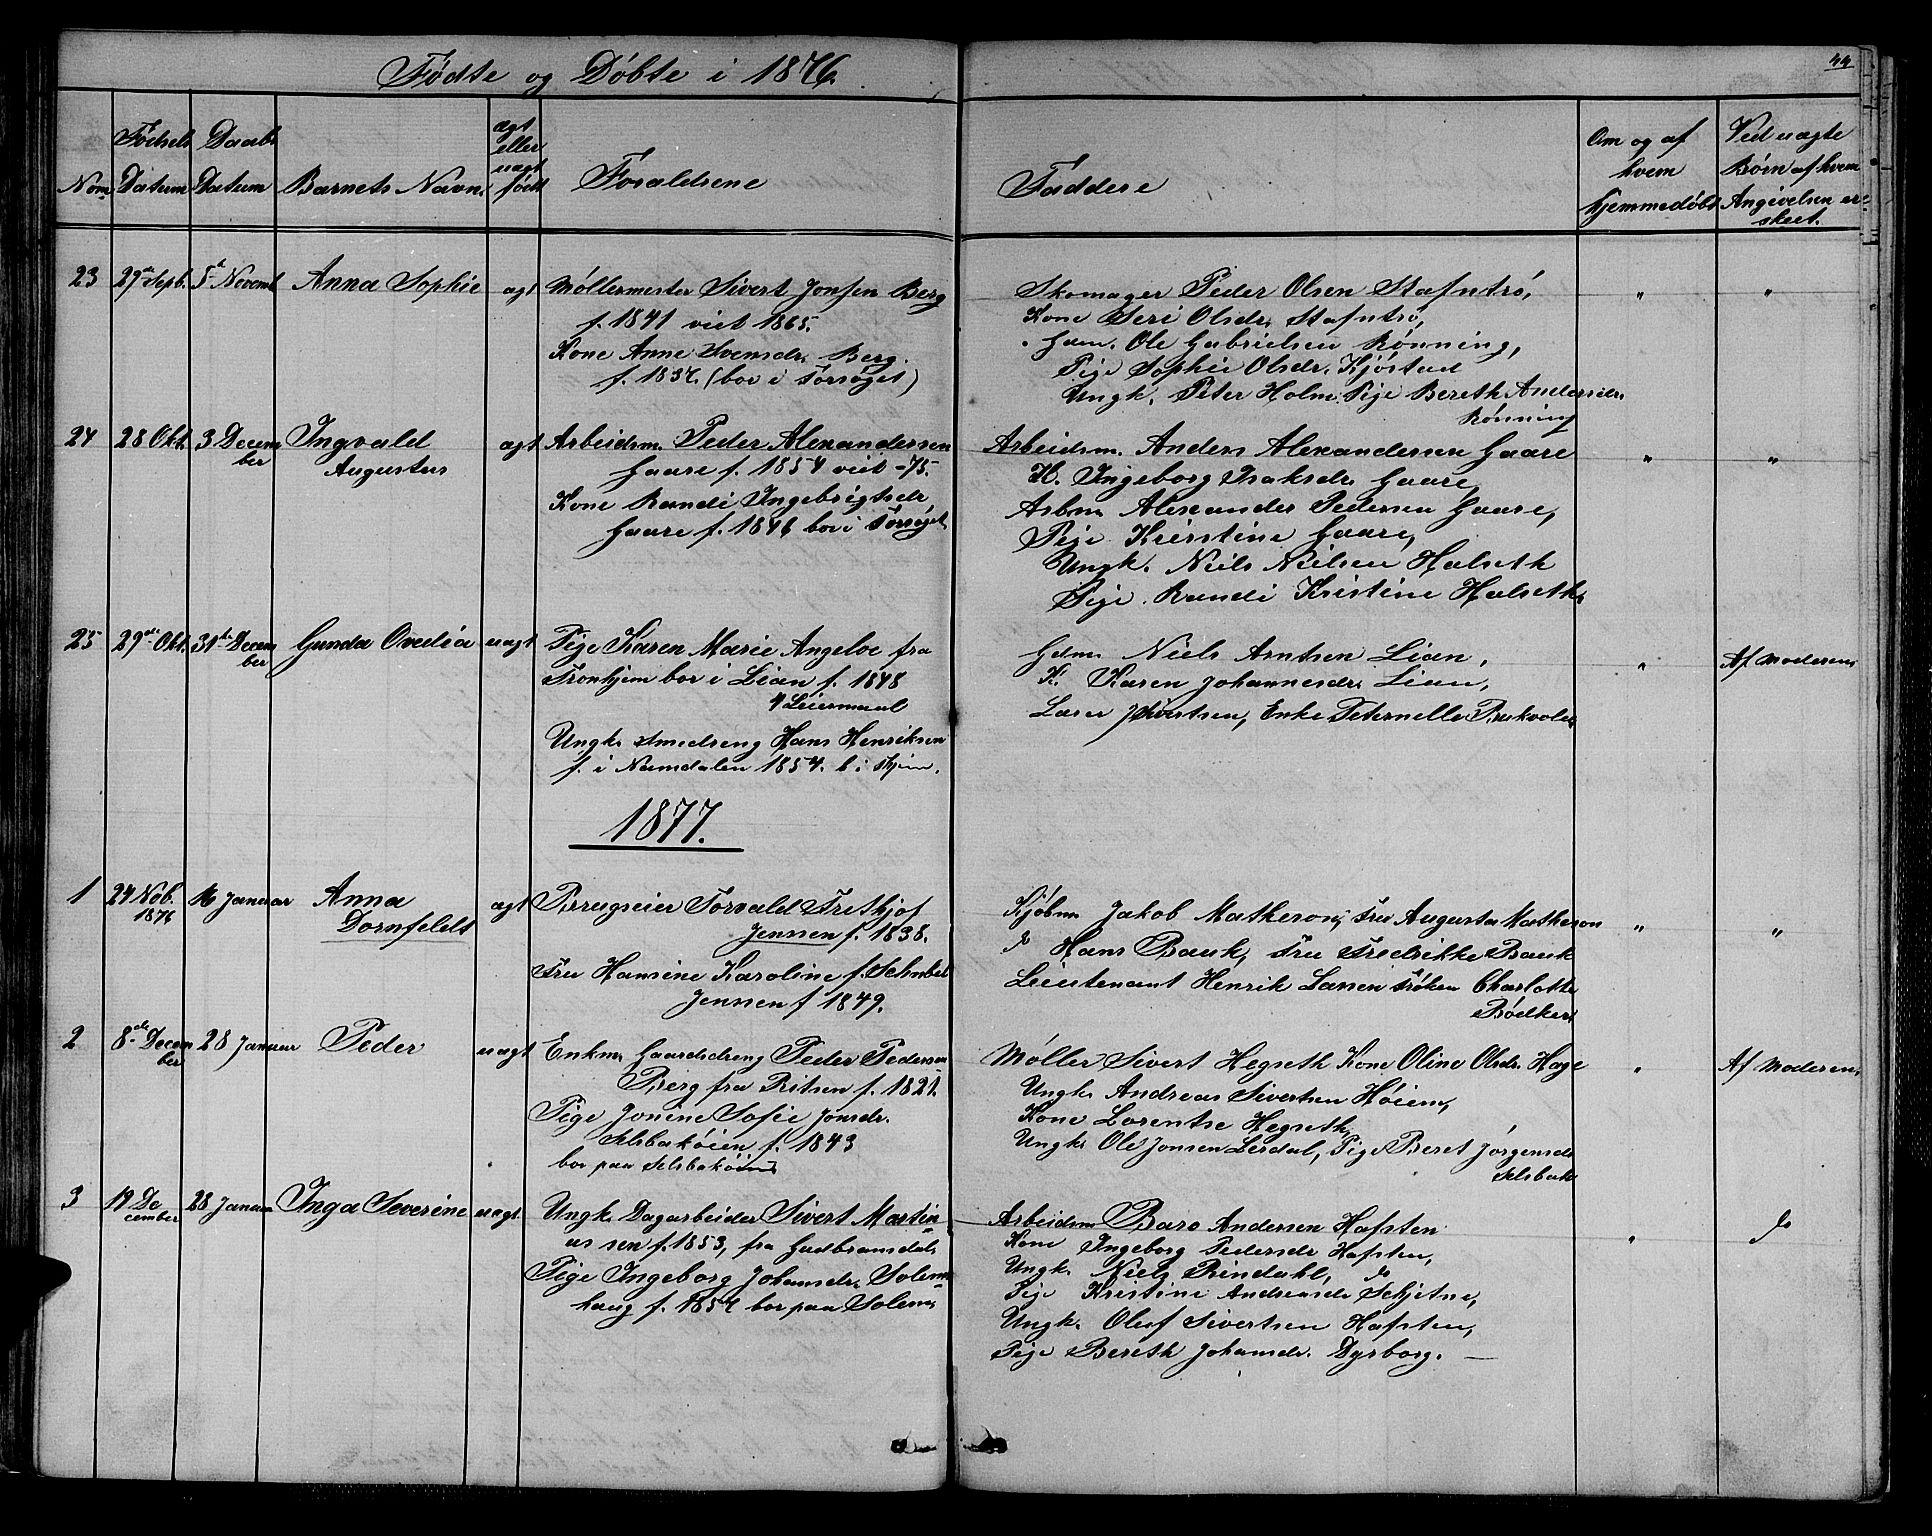 SAT, Ministerialprotokoller, klokkerbøker og fødselsregistre - Sør-Trøndelag, 611/L0353: Klokkerbok nr. 611C01, 1854-1881, s. 44